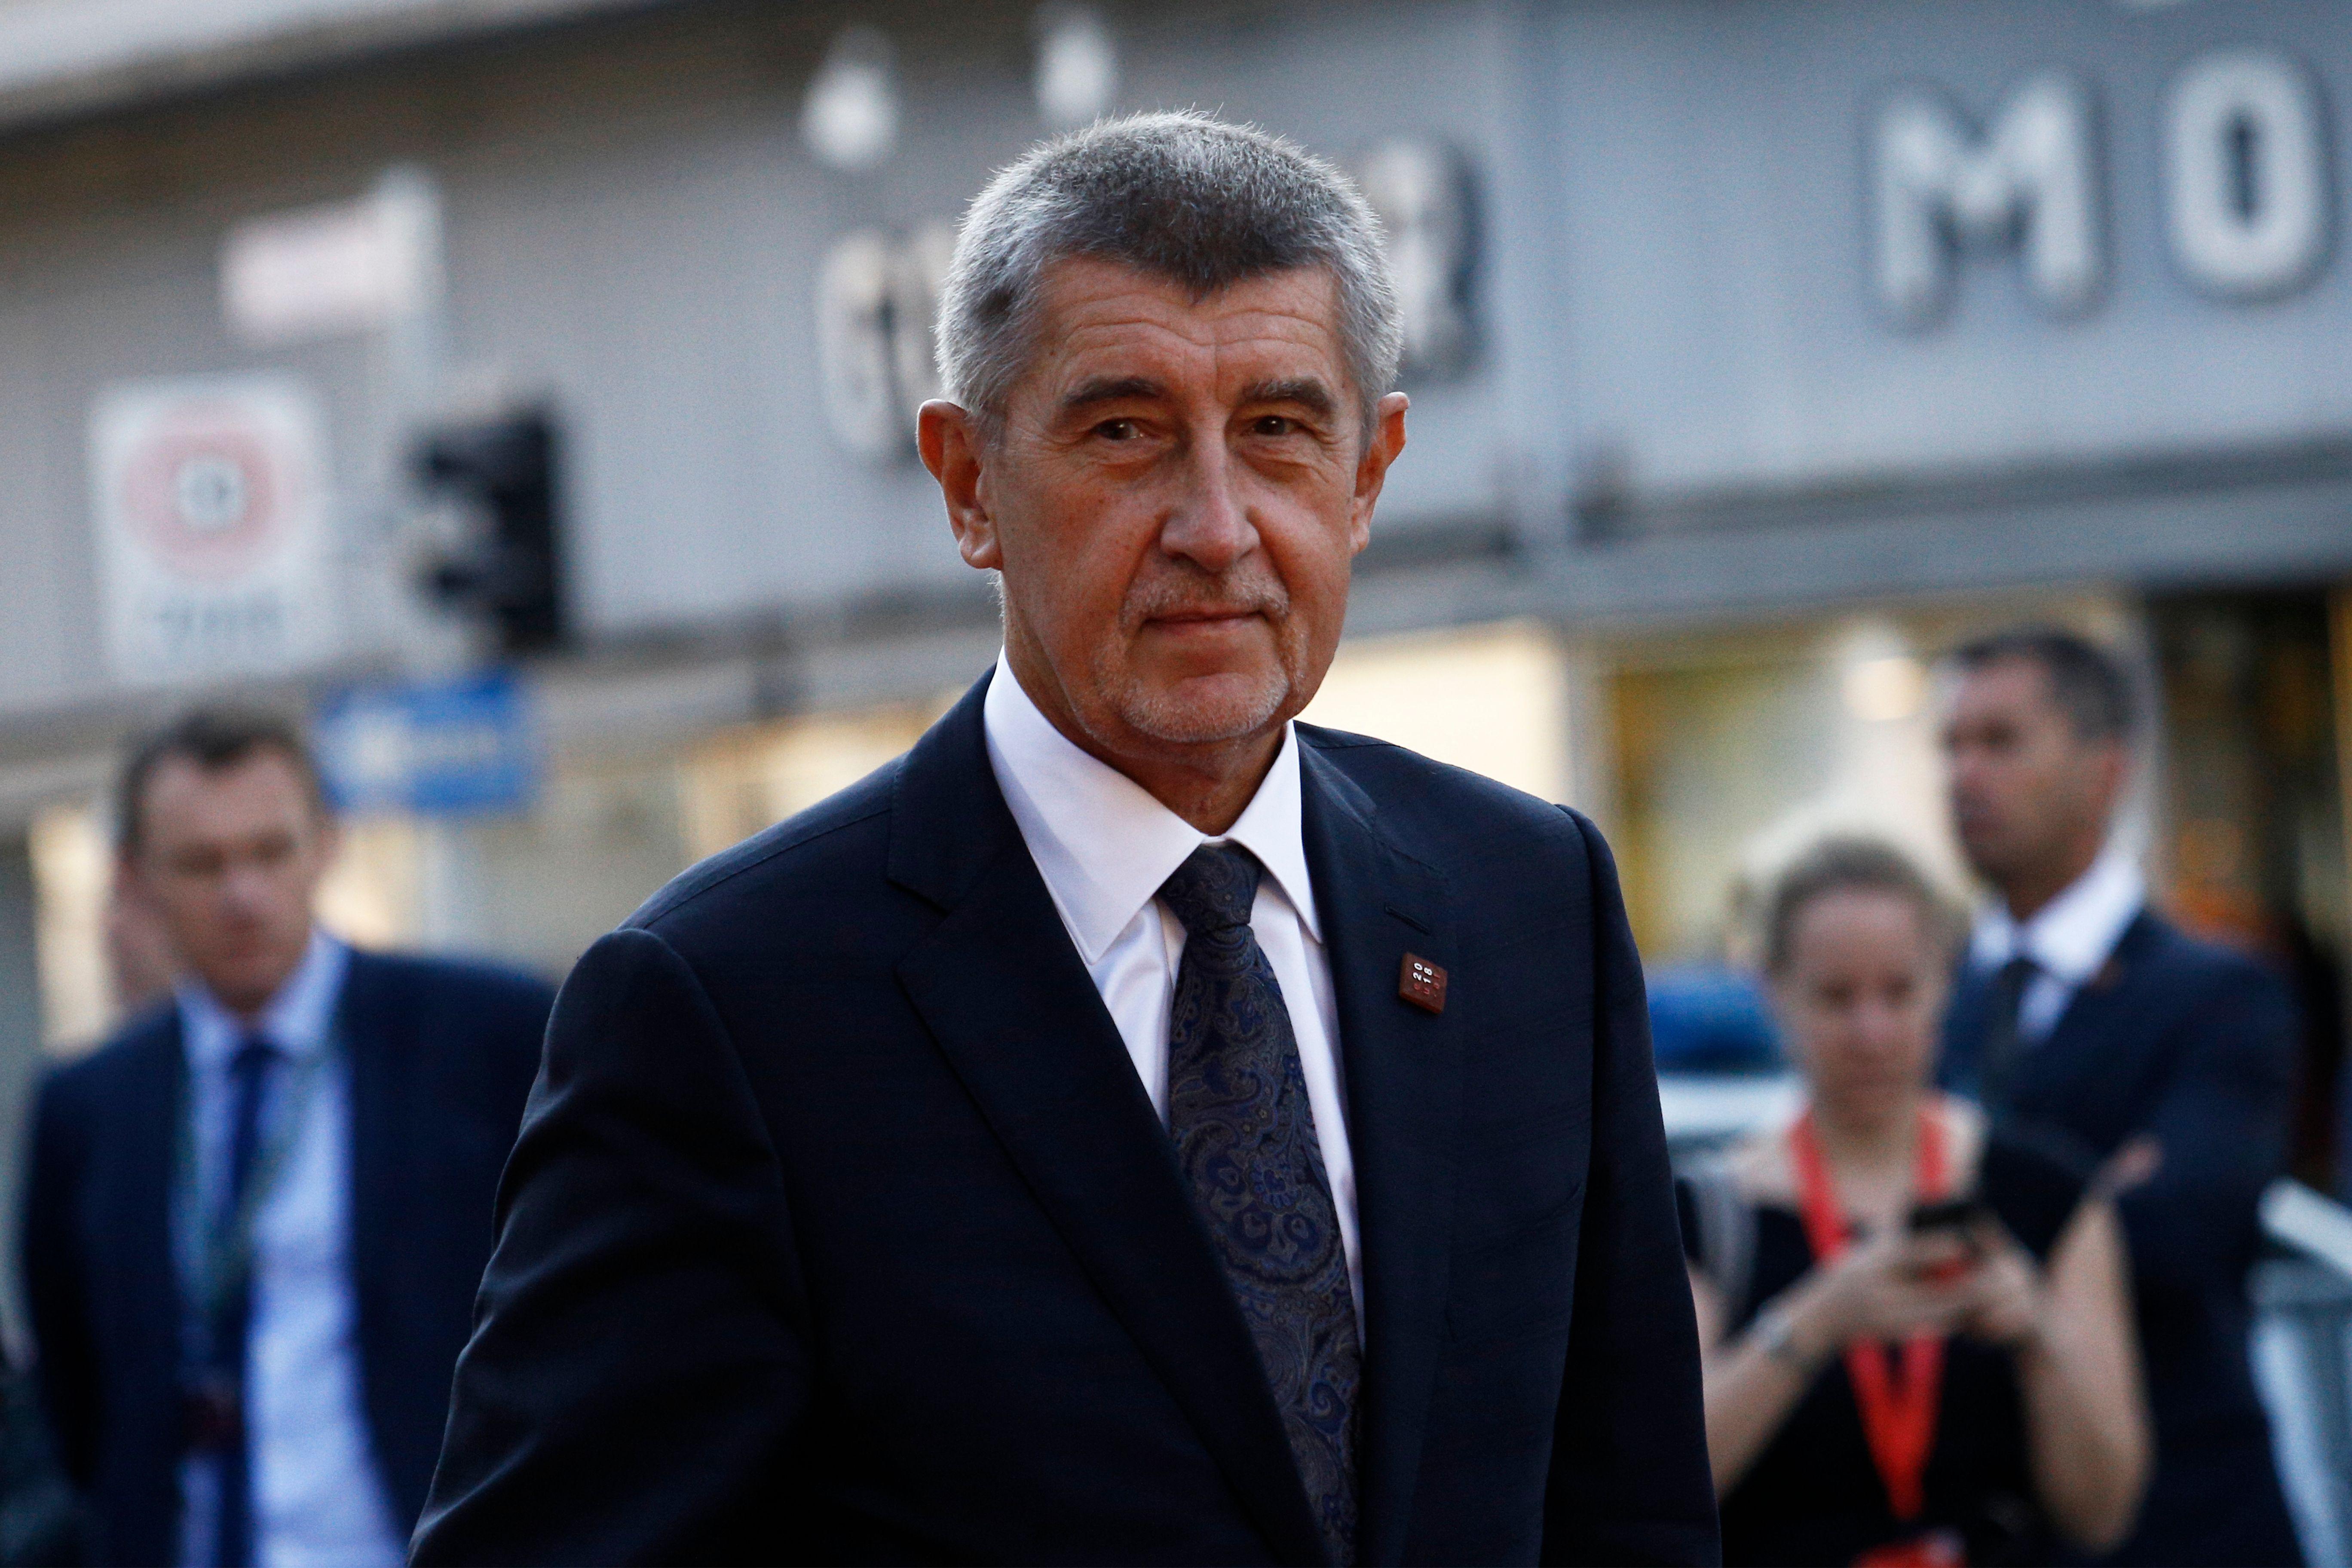 Andrejowi Babiszowi nie będzie łatwo utrzymać władzę (fot. Alexandros Michailidis / Shutterstock com)